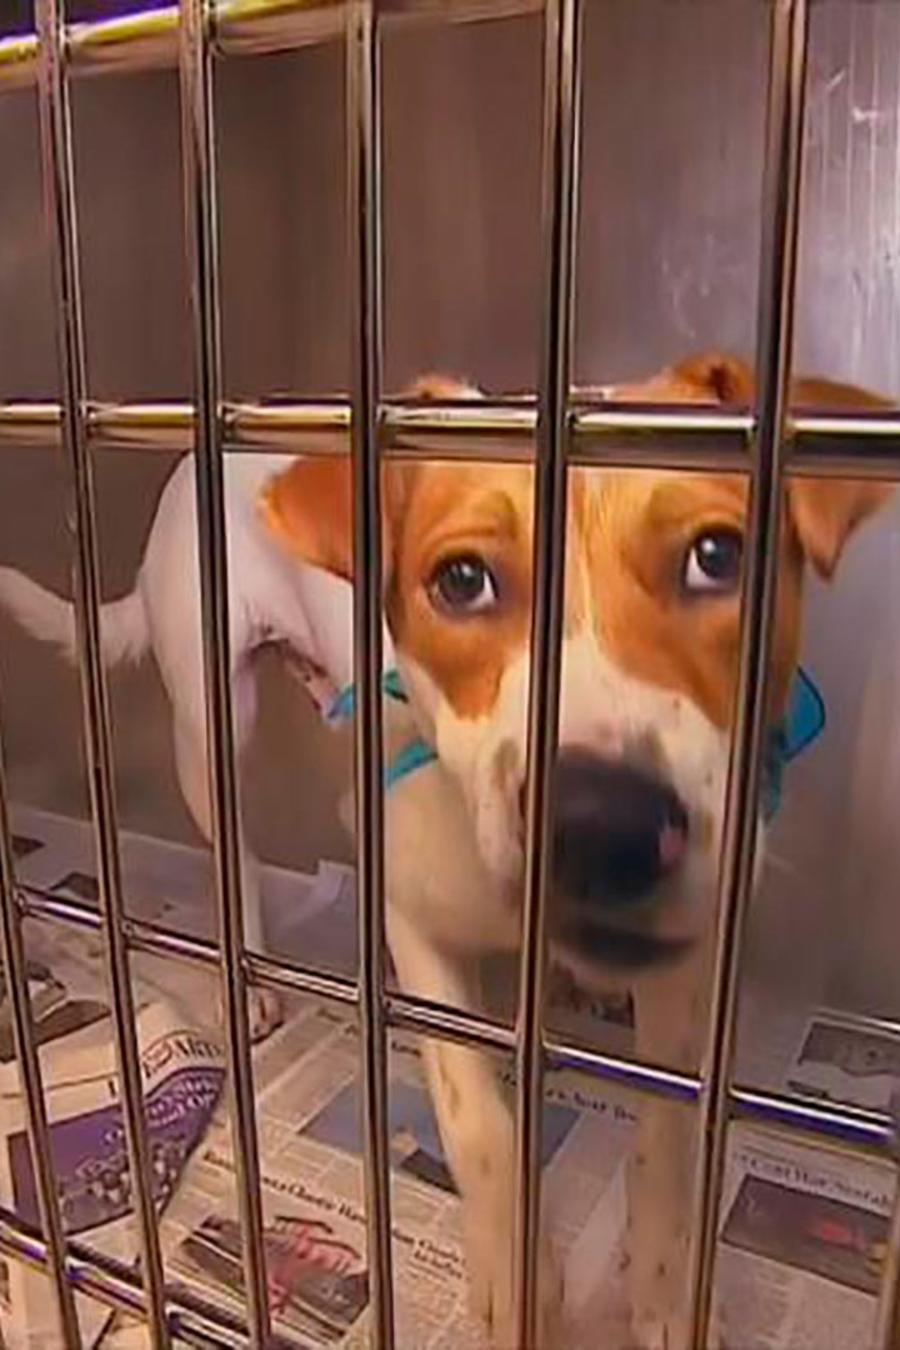 Los refugios para animales abandonados están buscando un nuevo hogar para las mascotas